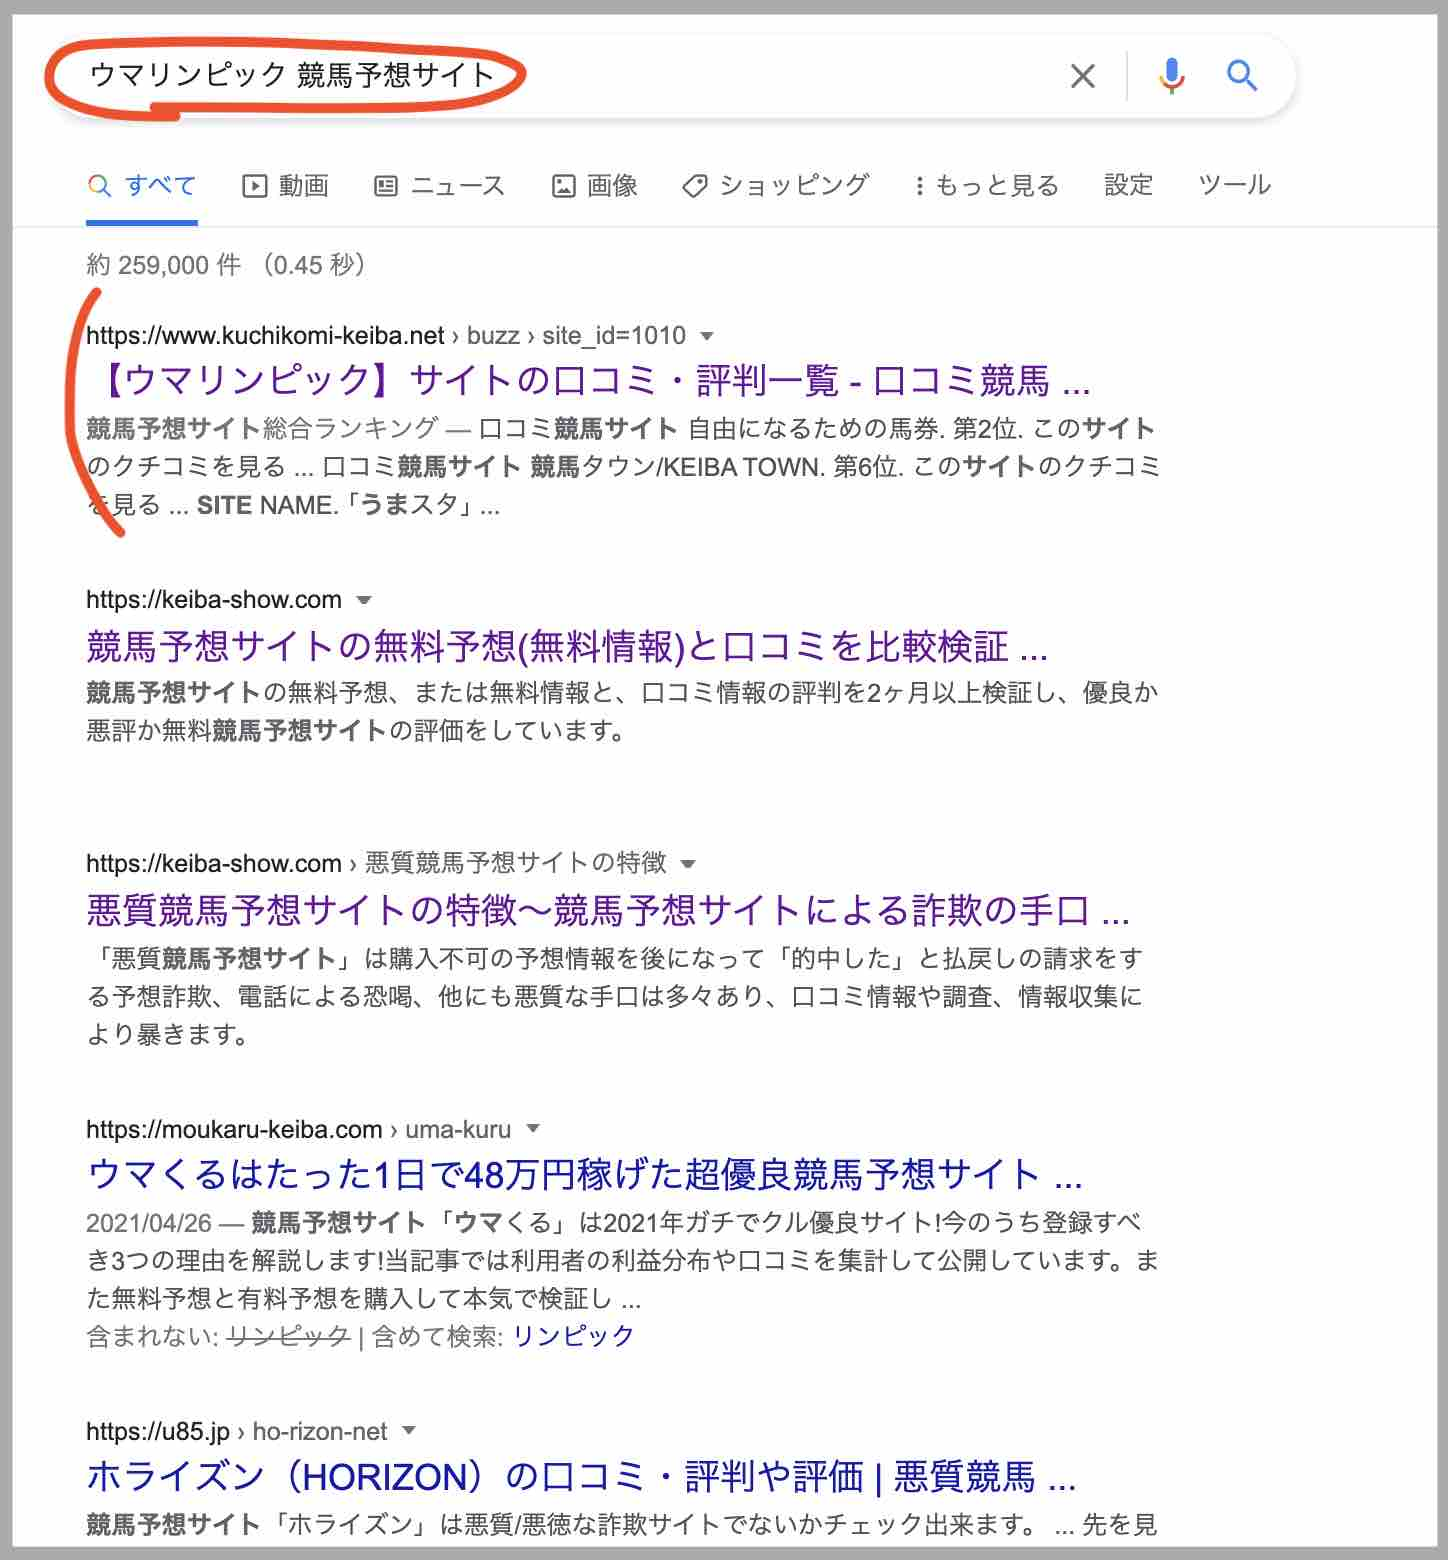 ウマリンピックという競馬予想サイトの情報検索